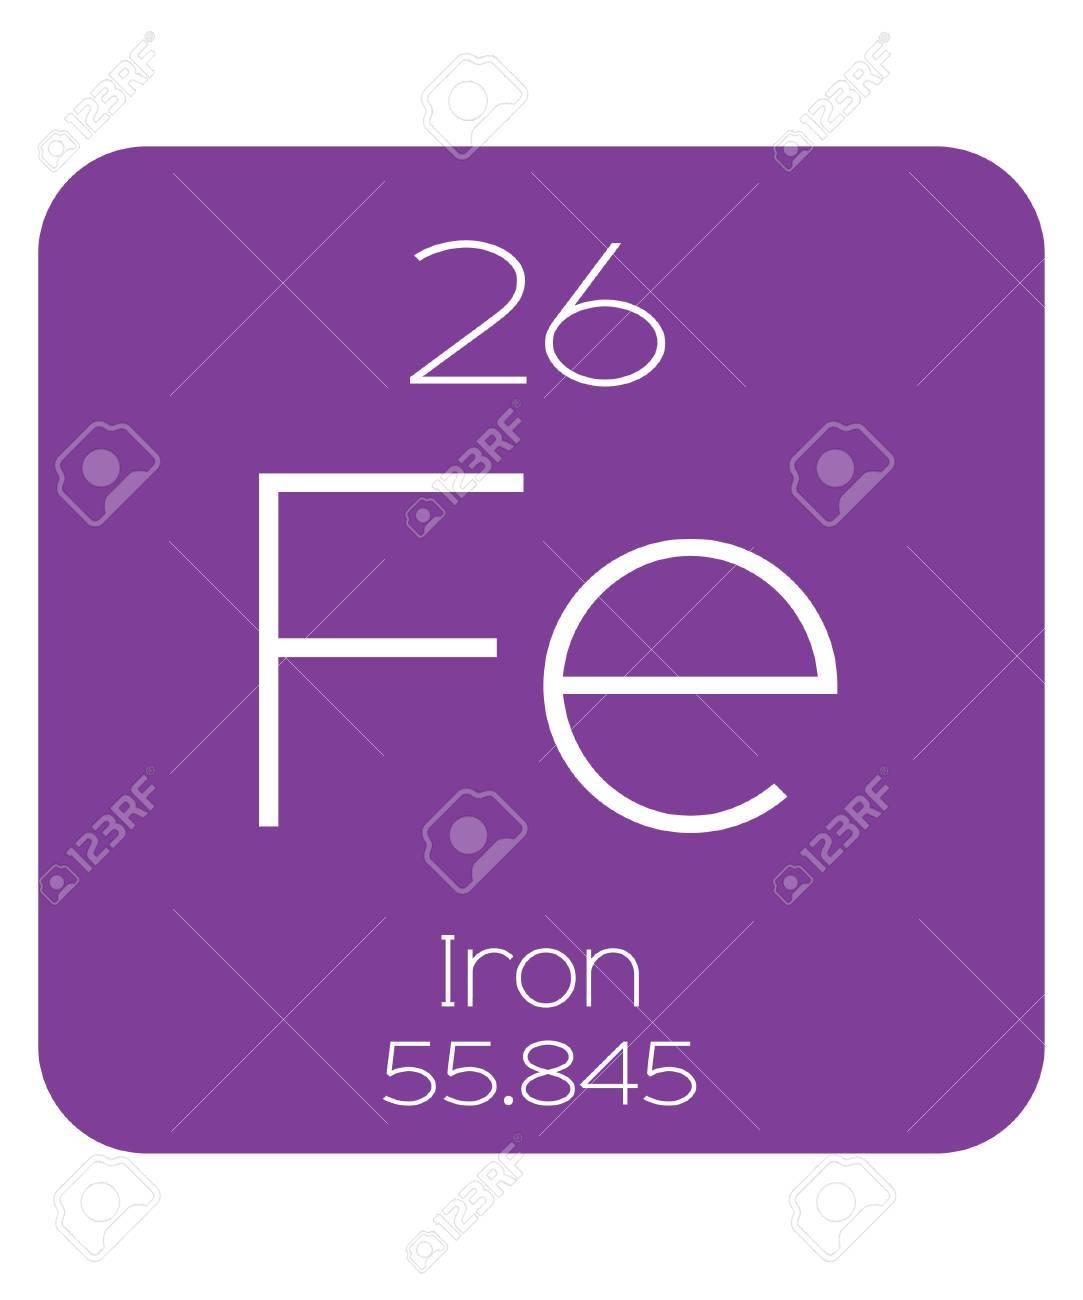 La tabla peridica de los elementos de hierro fotos retratos foto de archivo la tabla peridica de los elementos de hierro urtaz Choice Image